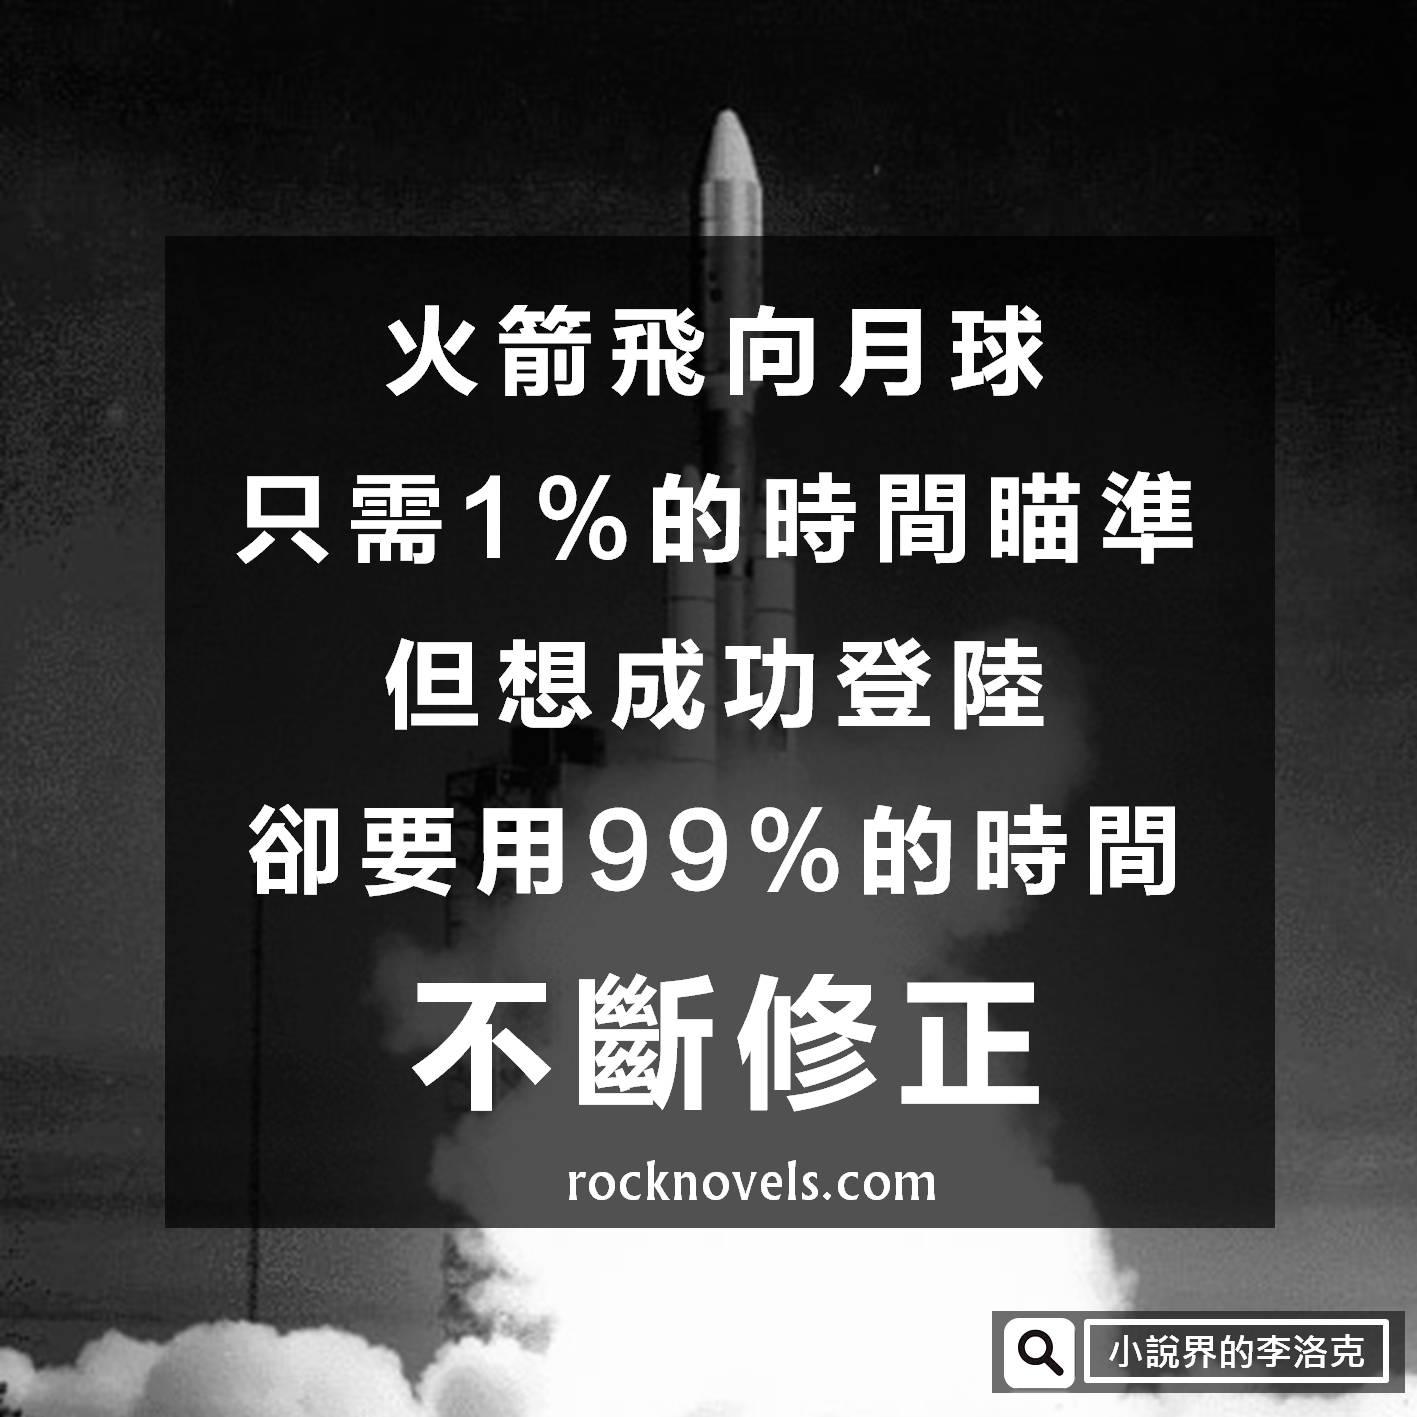 【語錄】成功要用99%的時間不斷修正